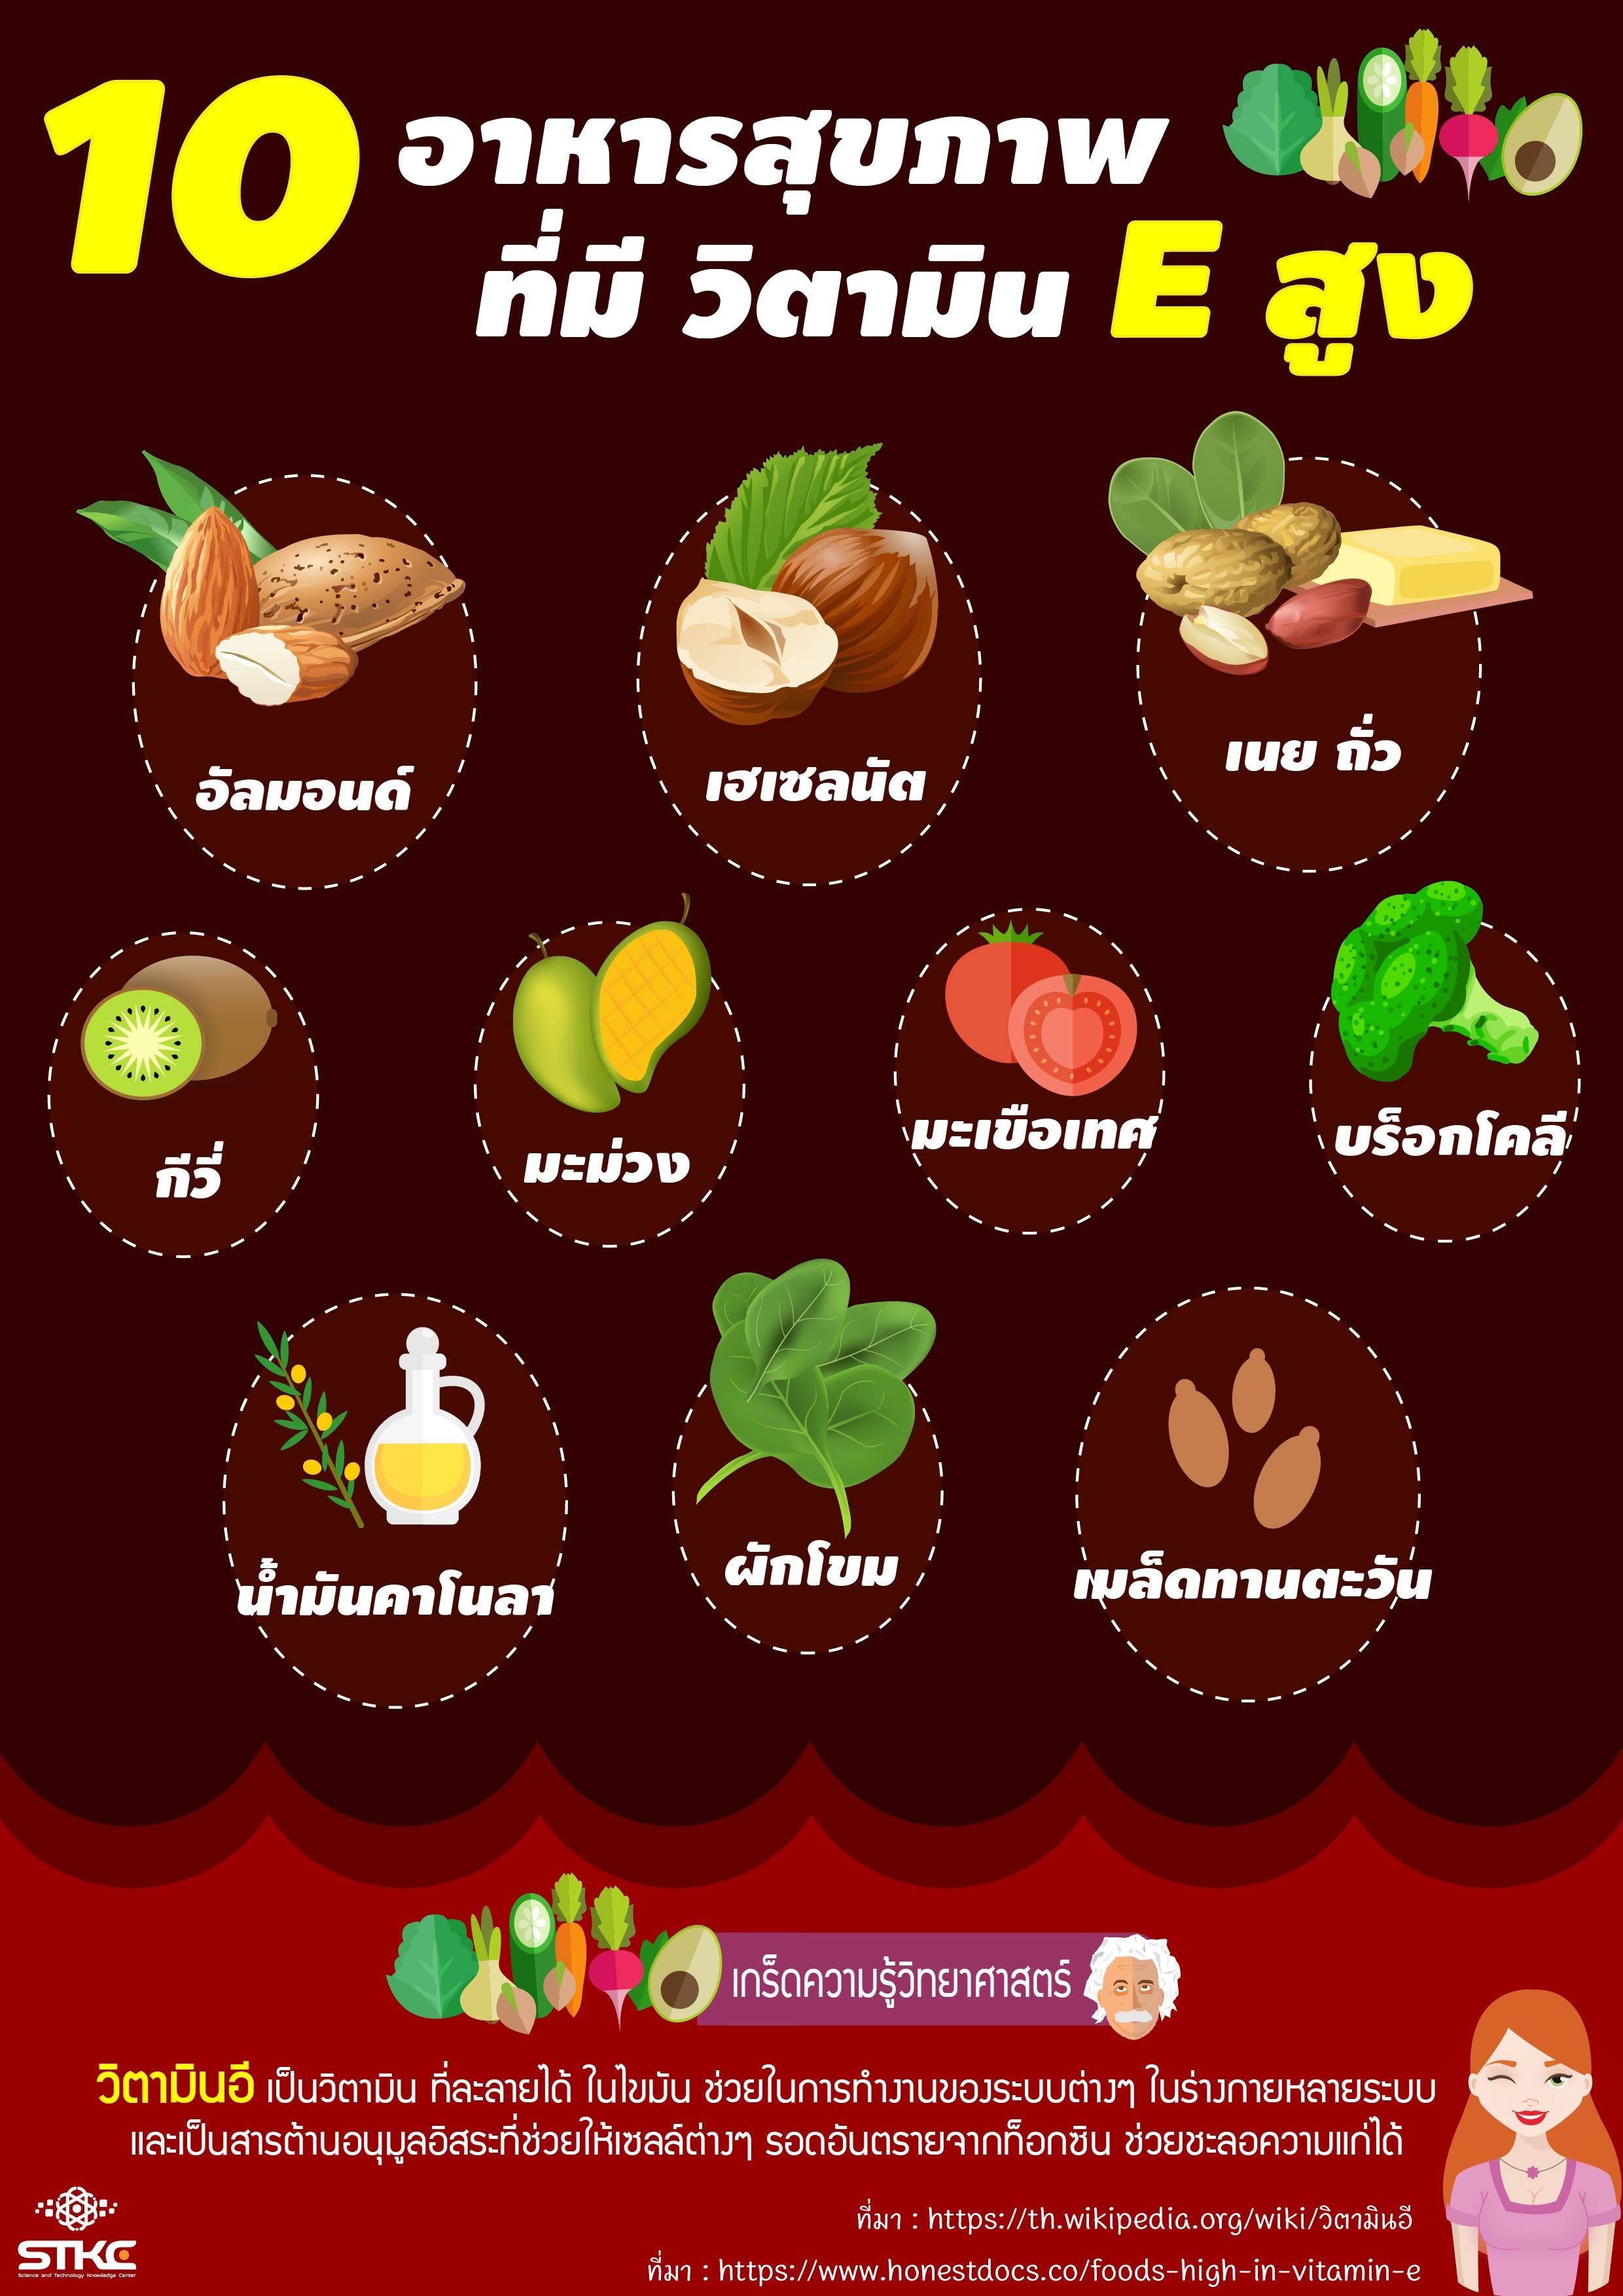 10 อาหารสุขภาพที่มีวิตามิน E สูง